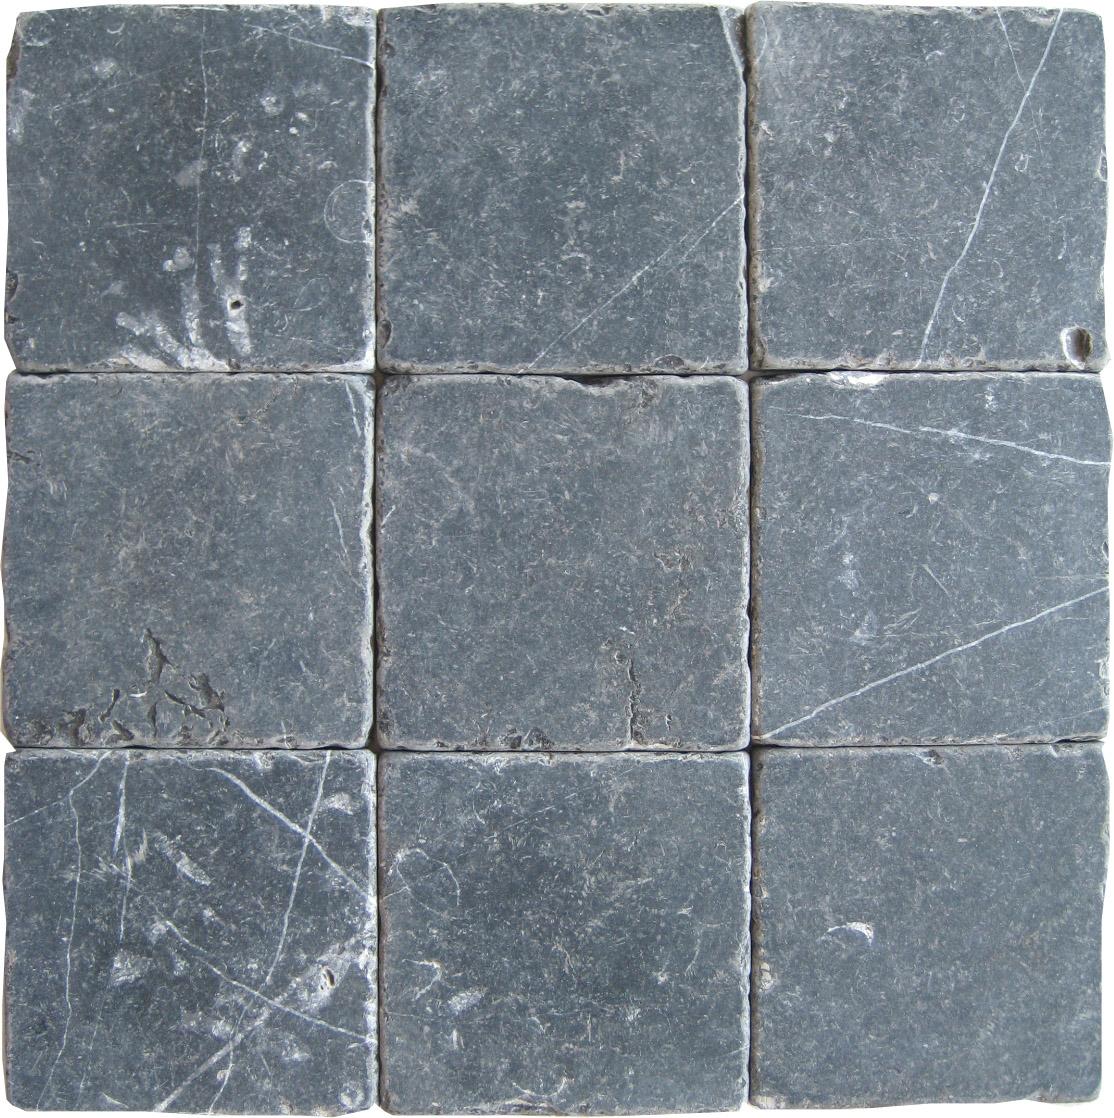 Nero Marquina Tumbled Tiles E4 5900 In South Florida